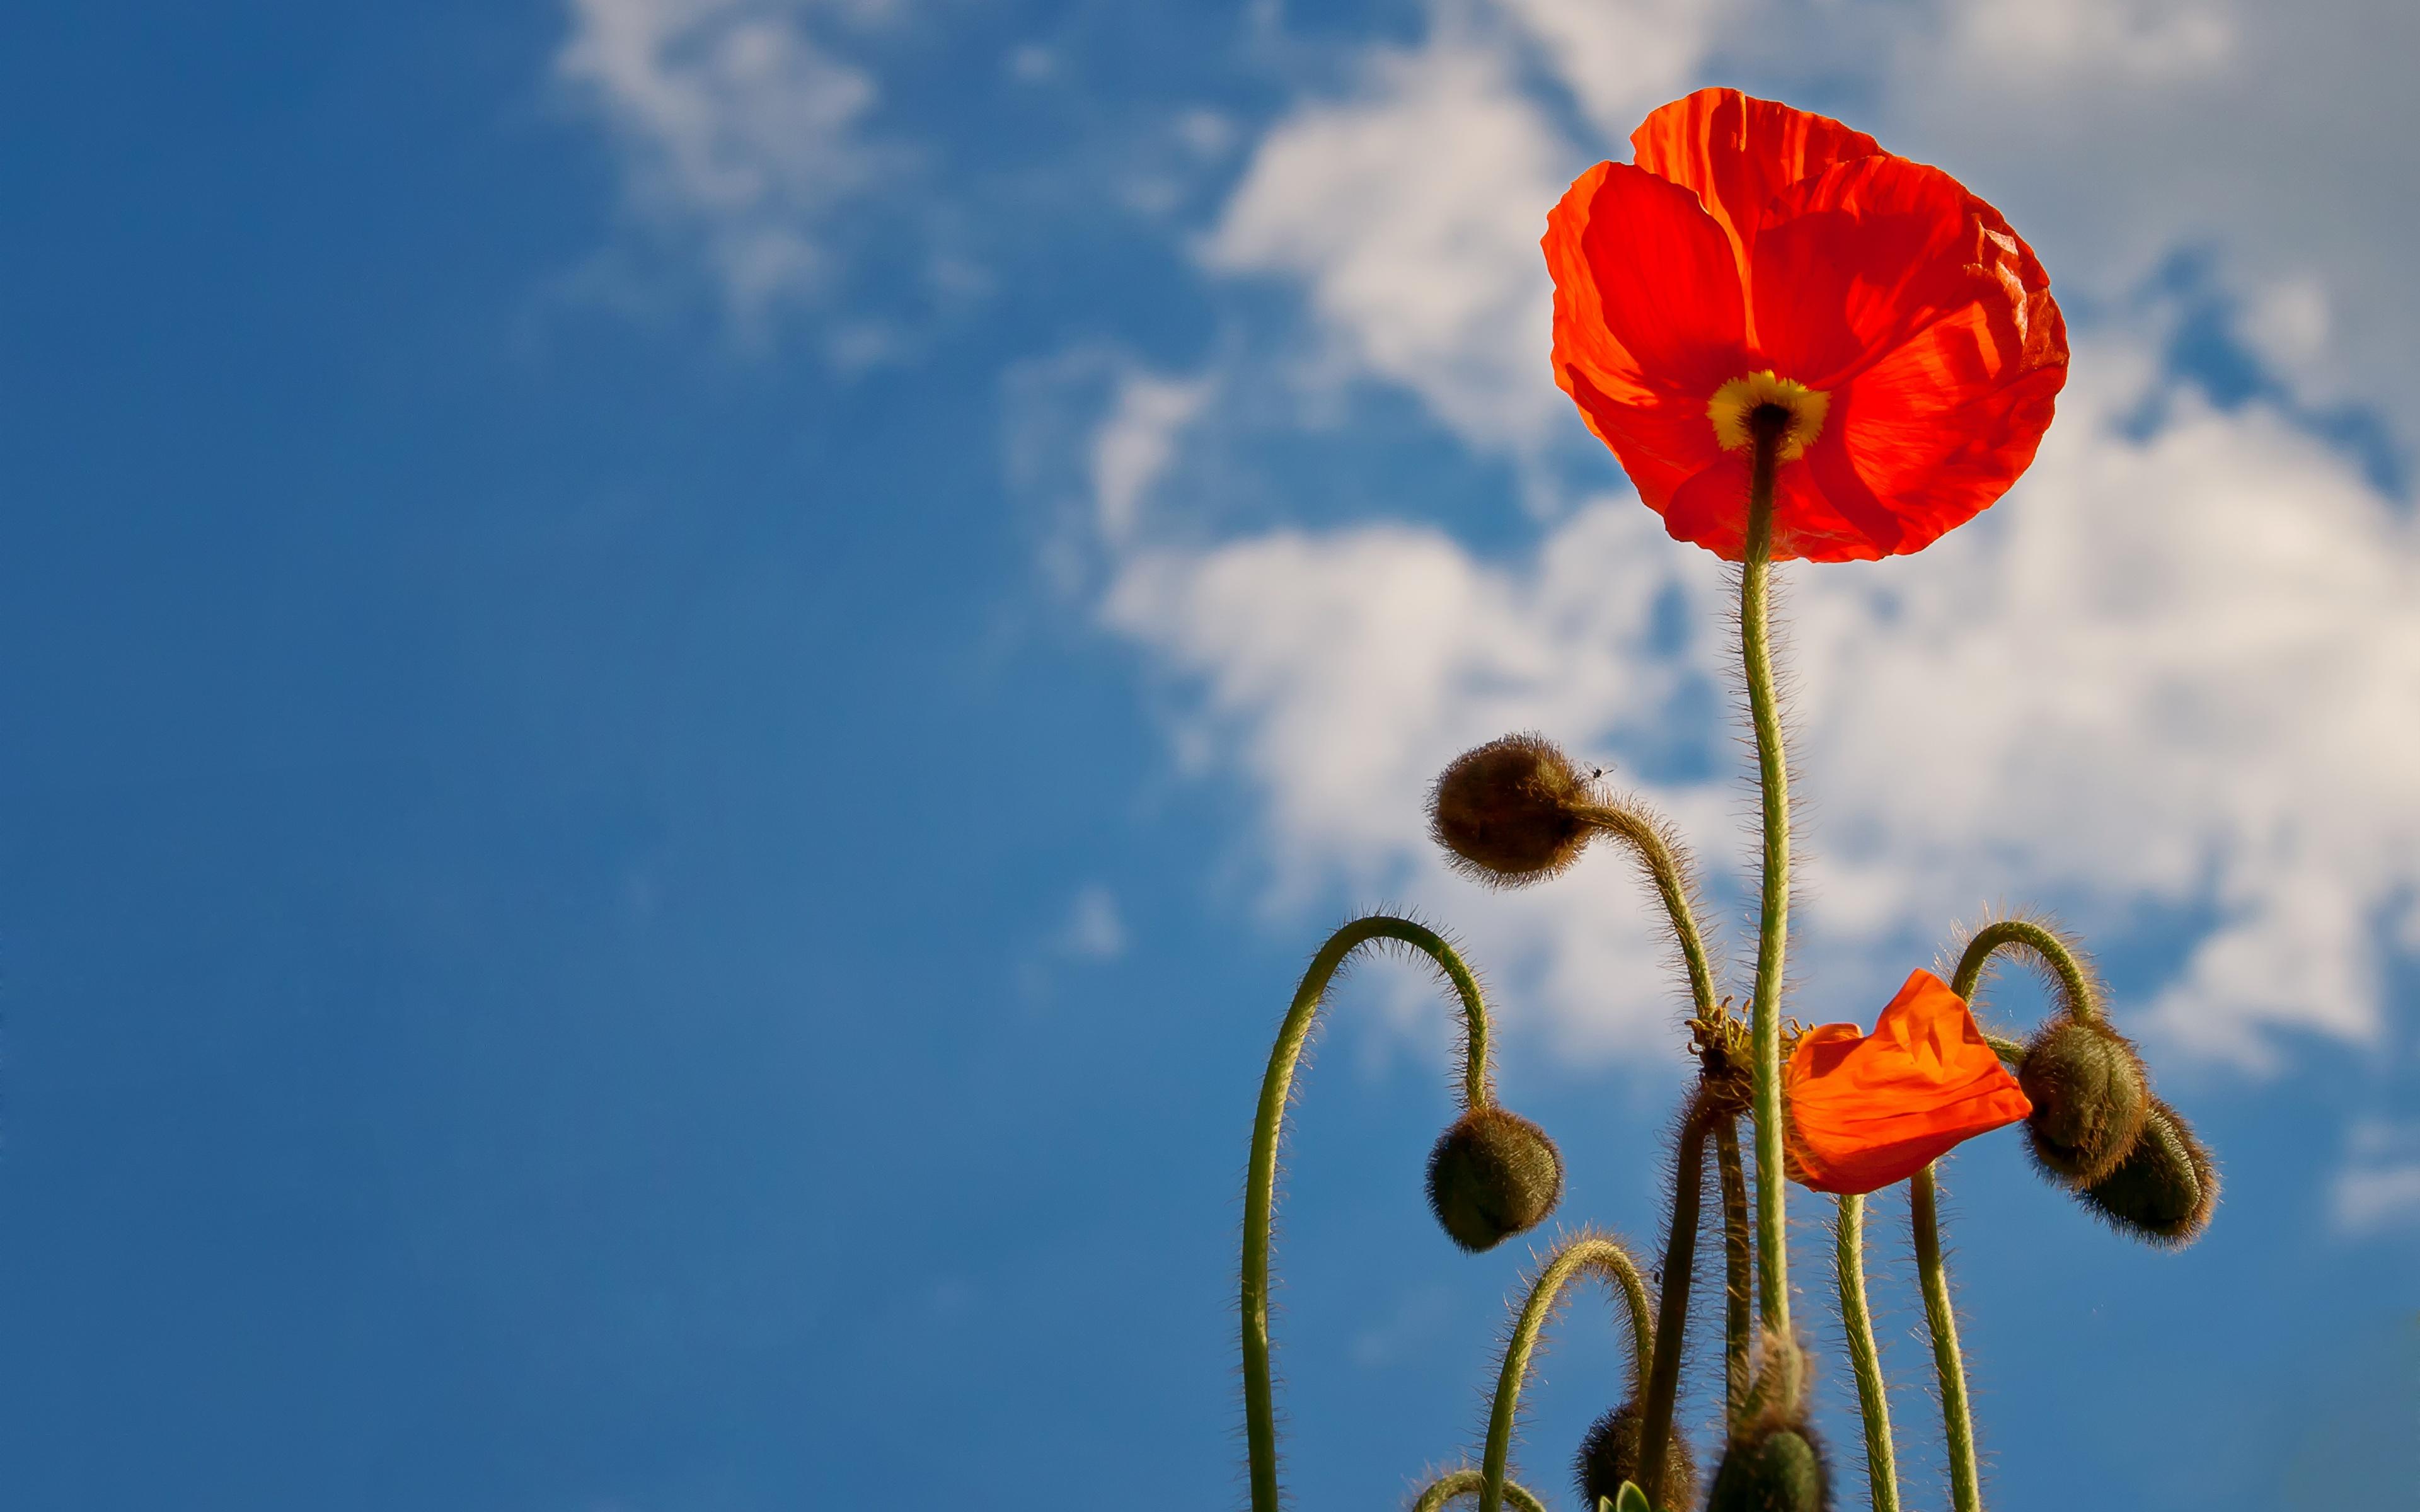 Картинка Красный мак цветок Бутон Крупным планом 3840x2400 красная красные красных Маки Цветы вблизи